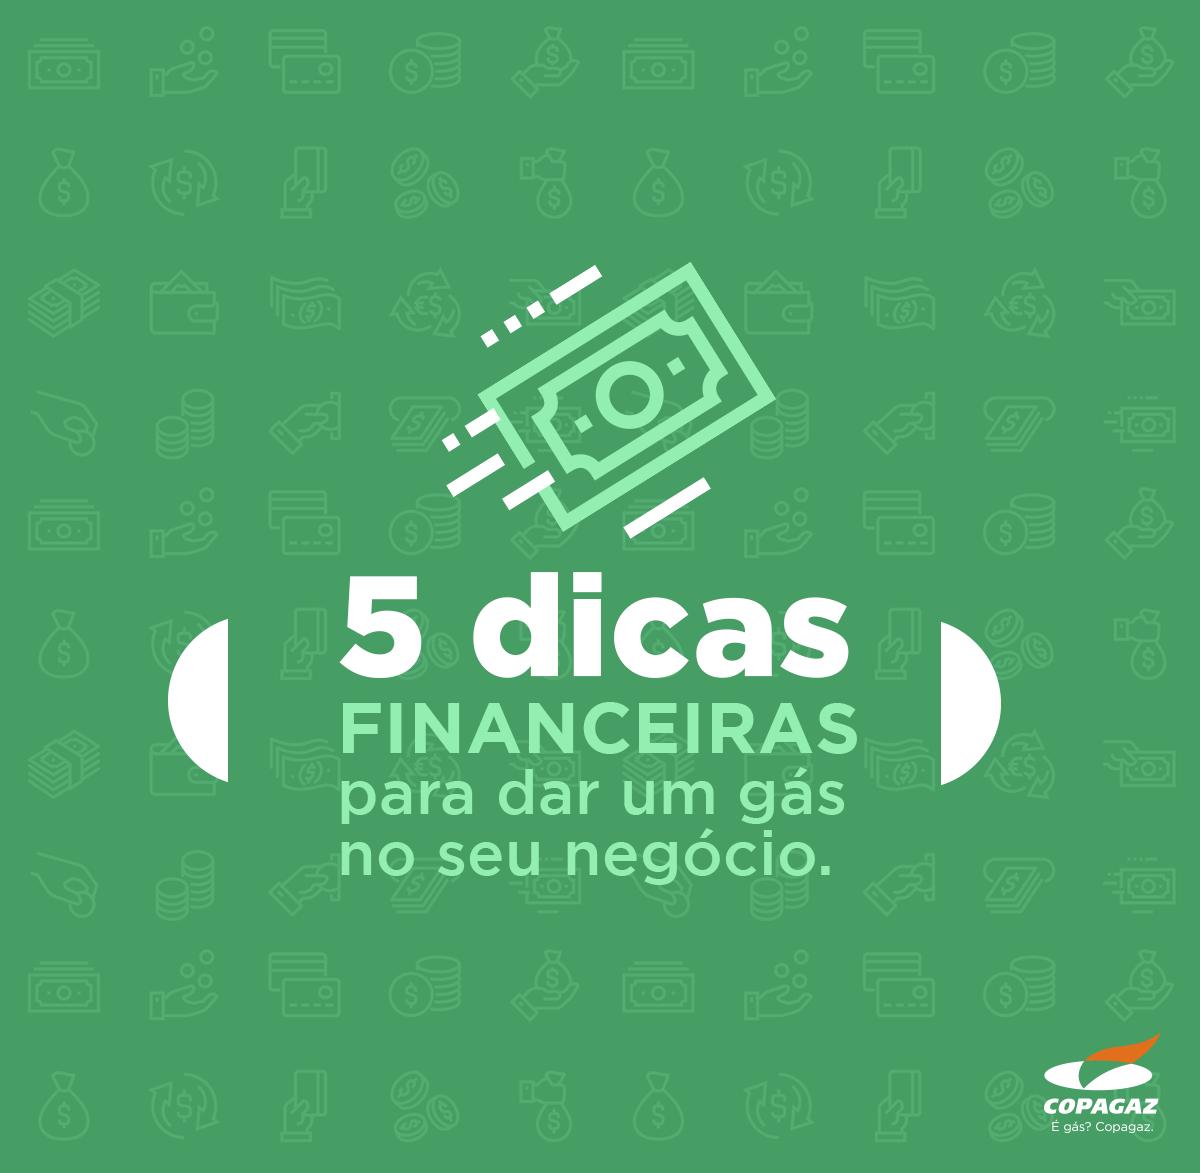 5 dicas financeiras